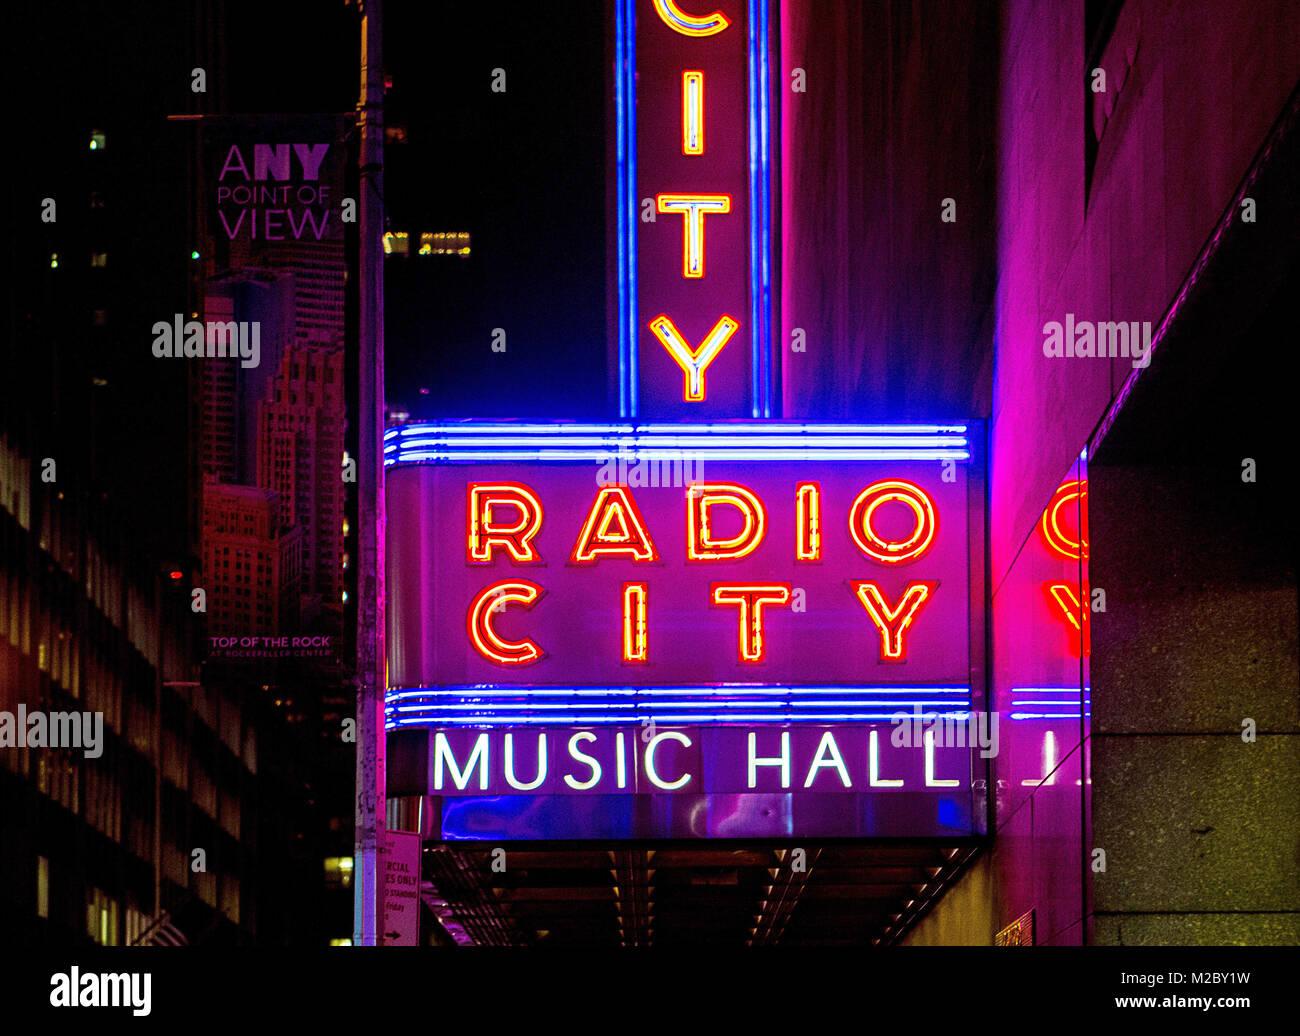 Außerhalb Neonlichter der Radio City Music Hall in New York, USA, Stockbild